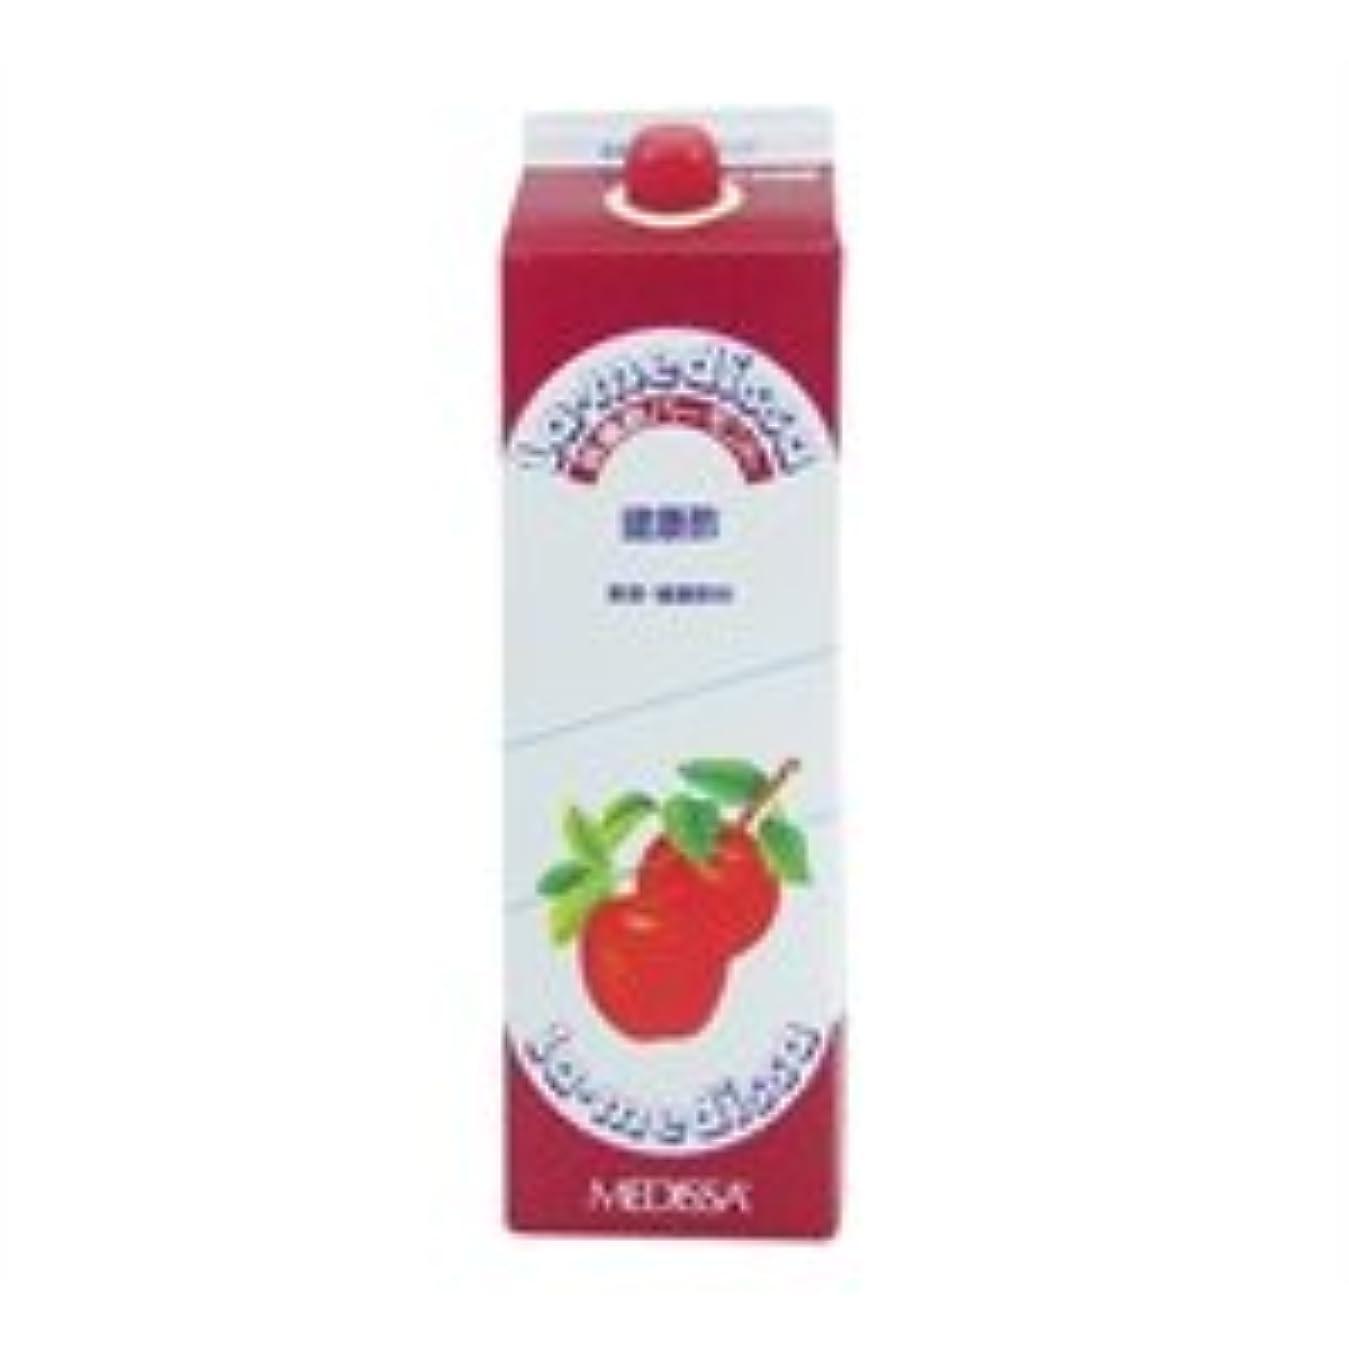 ラフトフィッティング革命的ラ?メデッサ リンゴ酢バーモント 1.8L